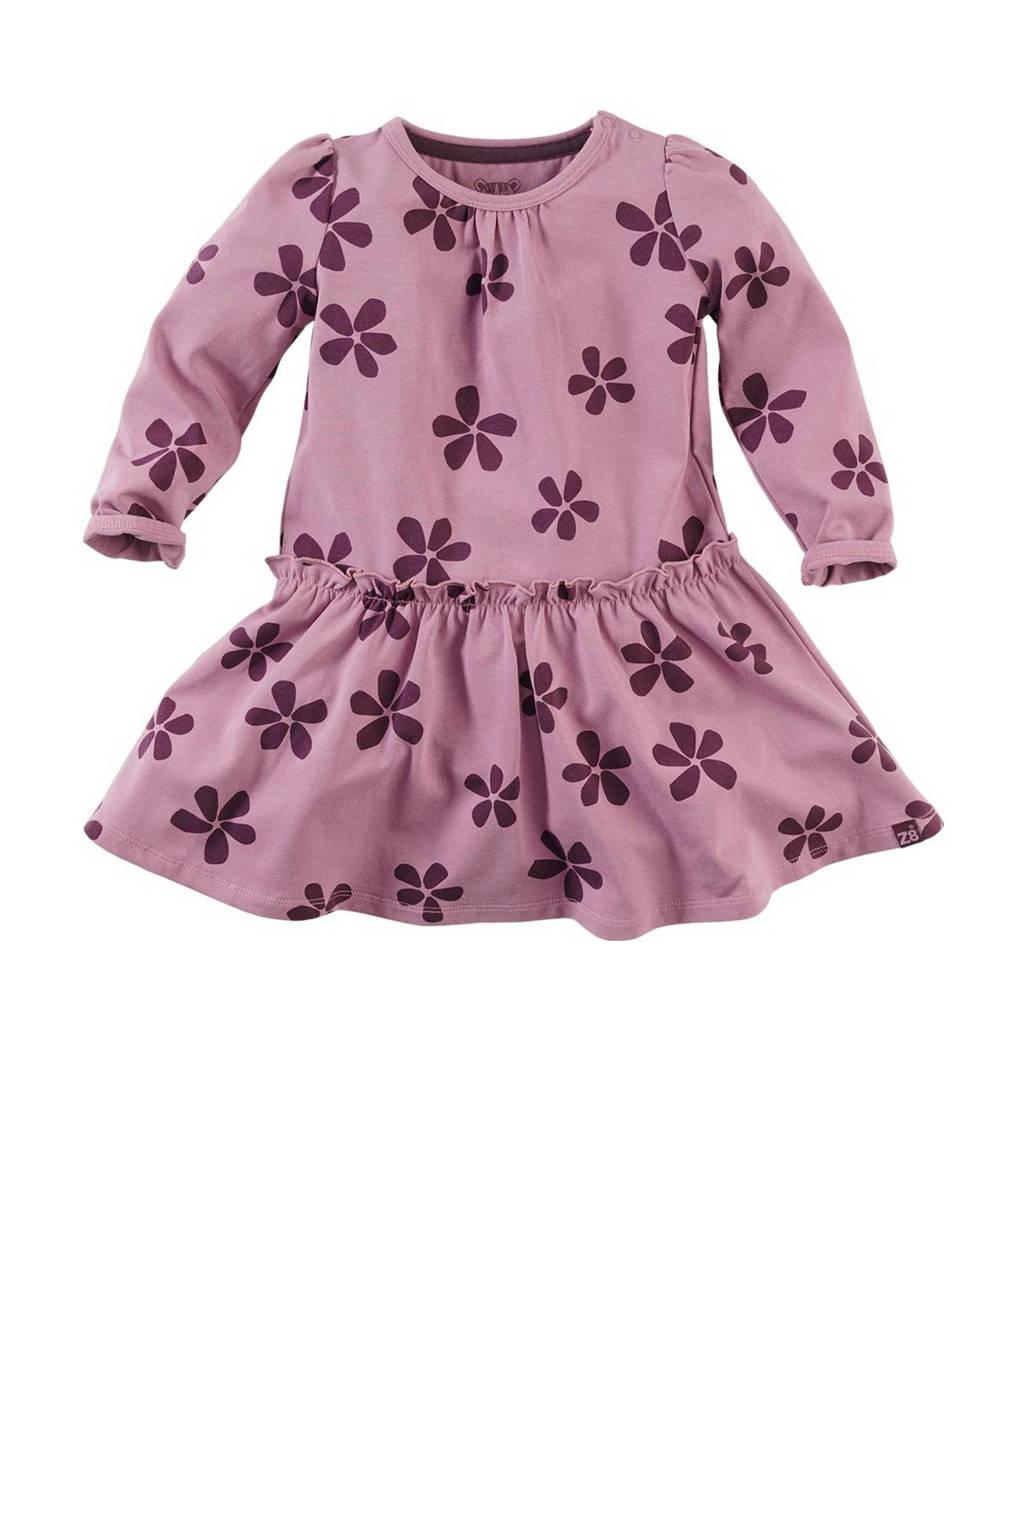 Z8 gebloemde jurk Meilani roze/donkerpaars, Roze/donkerpaars